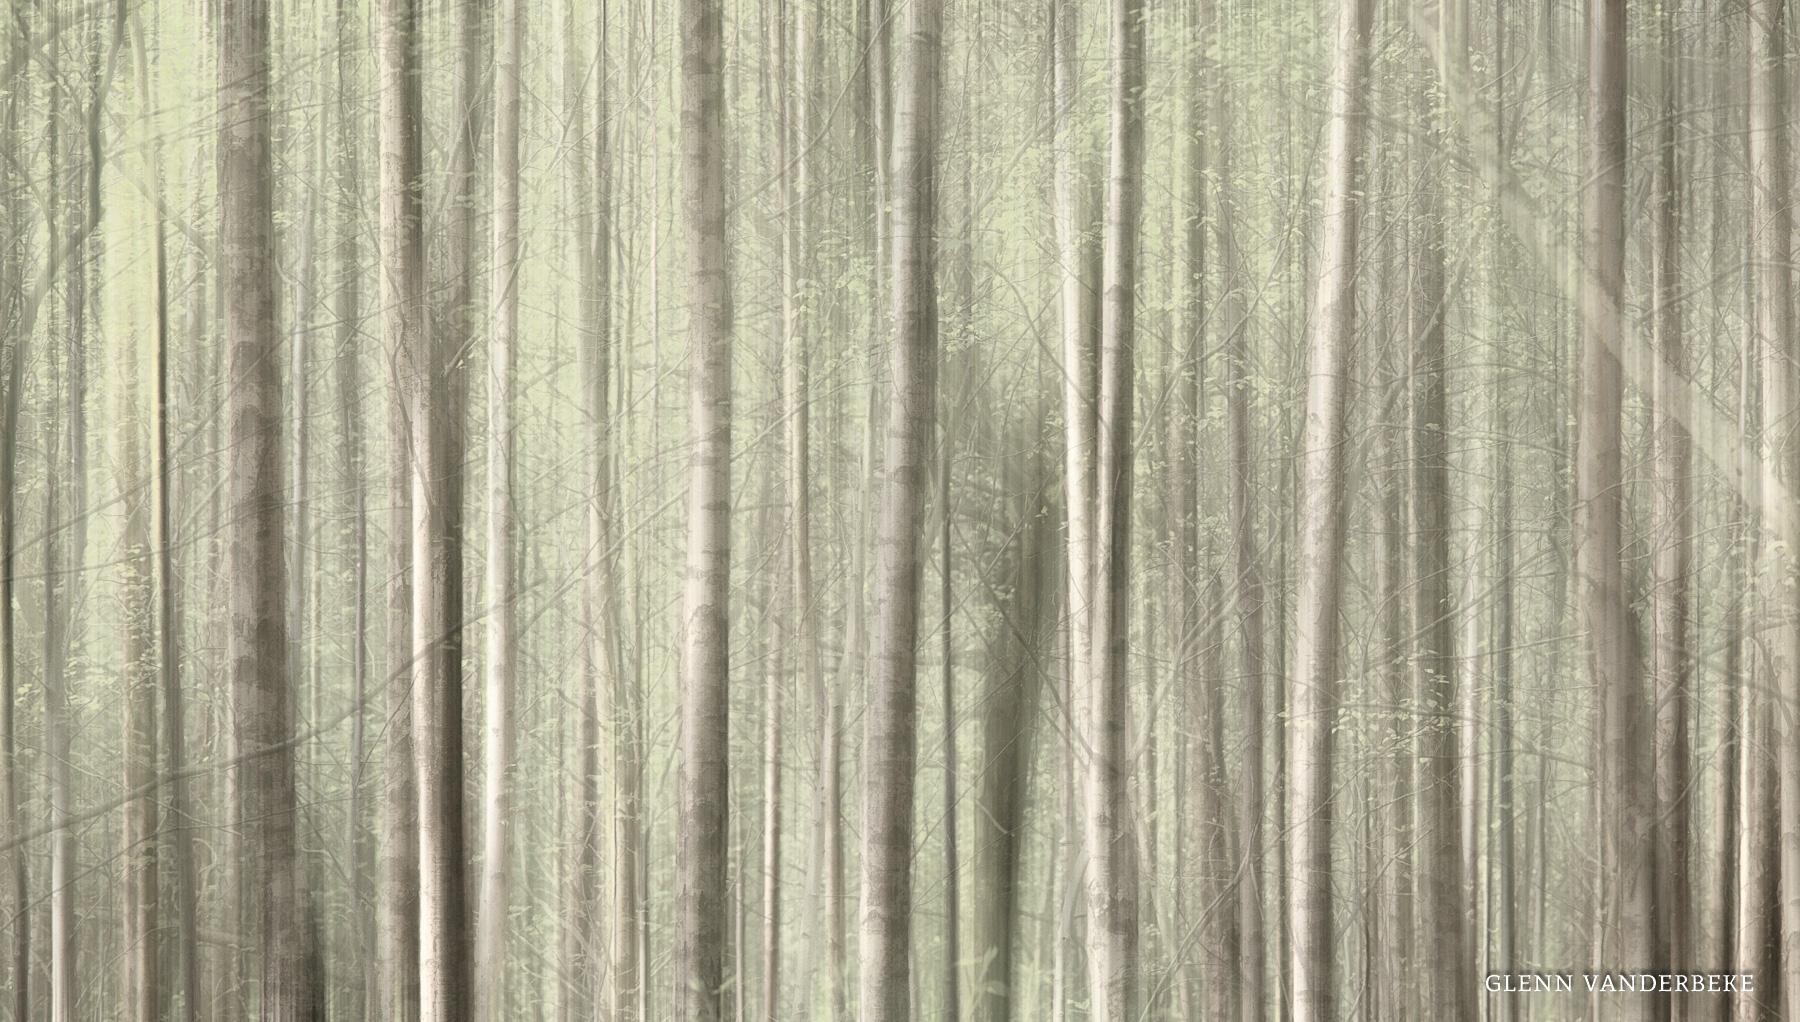 glenn vanderbeke, glenn vanderbeke fotografie, glenn vanderbeke belgisch landschapsfotograaf, landschapsfotograaf, landschapsfotografie glenn vanderbeke, landscape photographer glenn vanderbeke, fine art photographer Glenn Vanderbeke, Belgische landschapsfotograaf, landschapsfotografie west-vlaanderen, west vlaamse landschapsfotograaf, België, Torhout, Bos kasteel d'Aertrycke